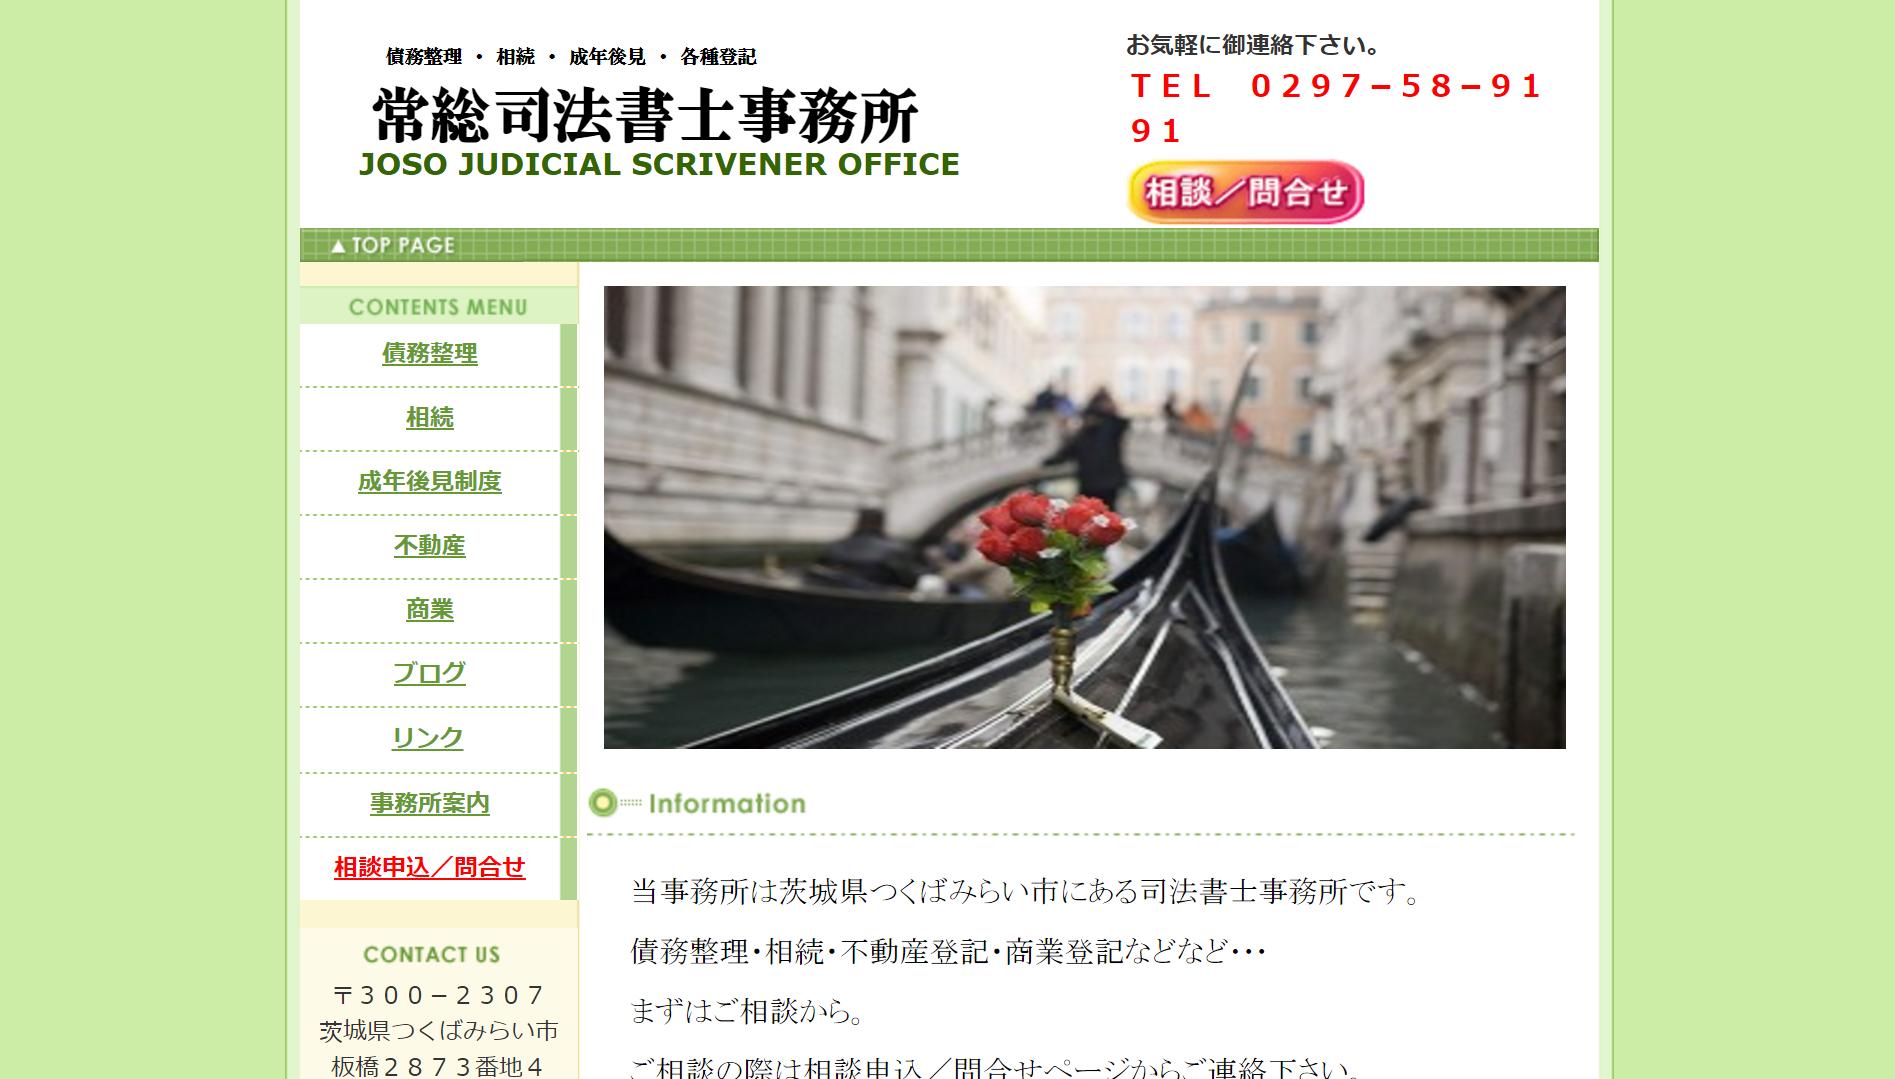 常総司法書士事務所(茨城県つくばみらい市)